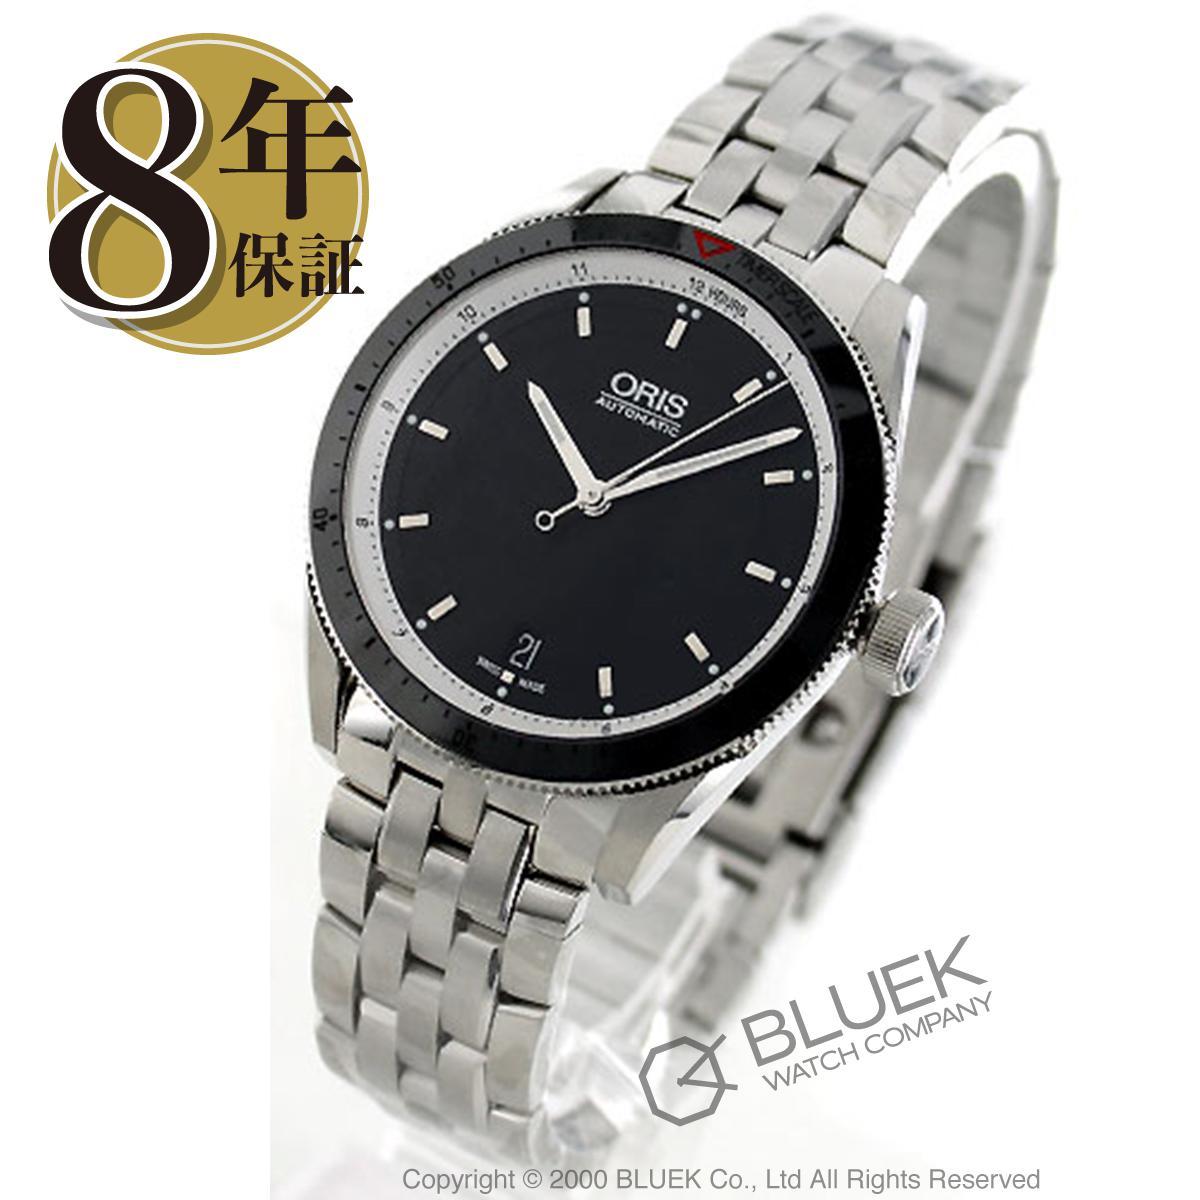 【3,000円OFFクーポン対象】オリス アーティックス GT 腕時計 メンズ ORIS 733 7671 4154M_8